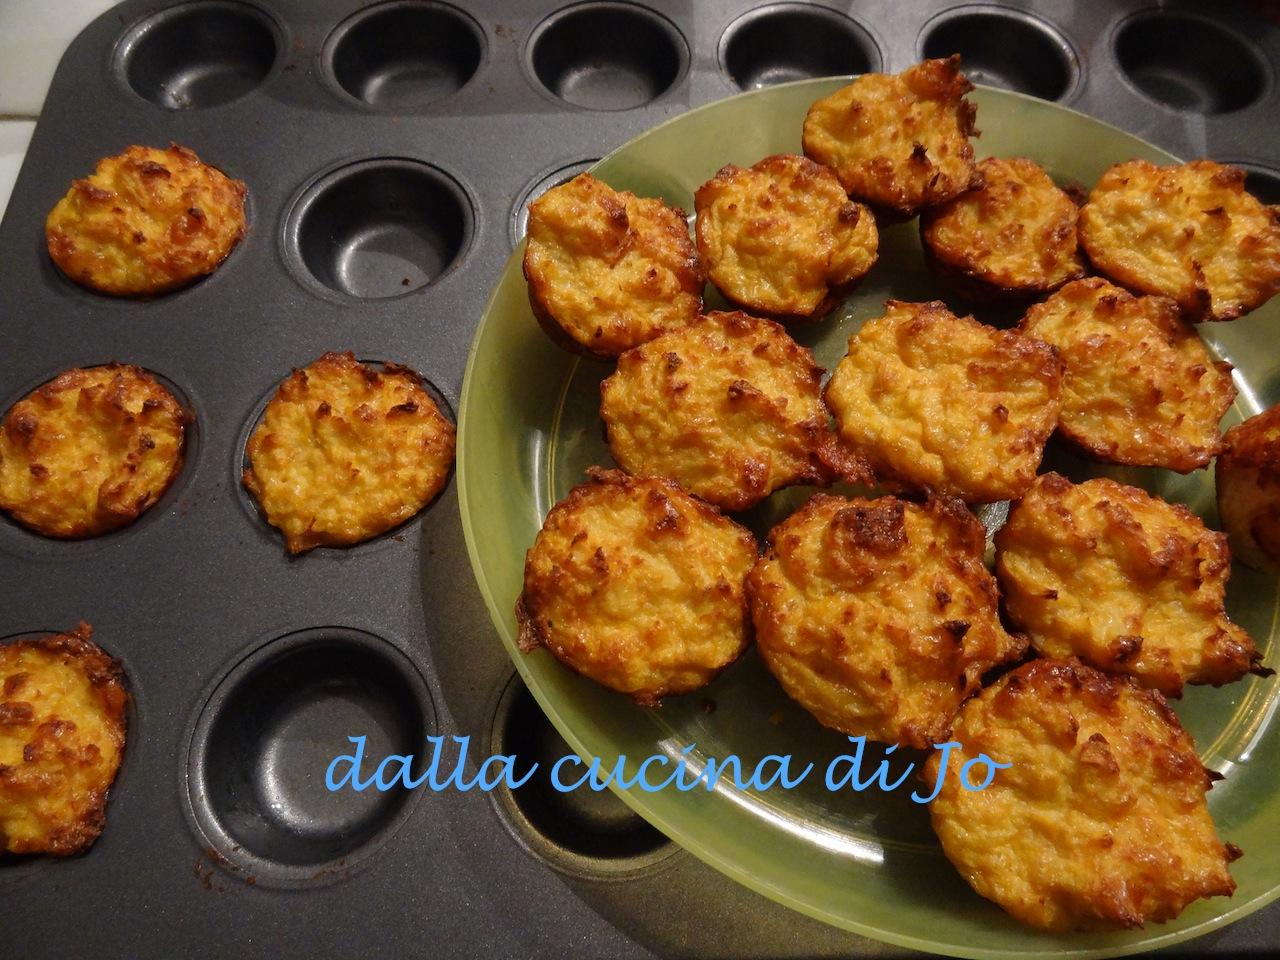 39 39 dalla cucina di jo 39 39 biscottini di cavolfiore for Enormi isole di cucina